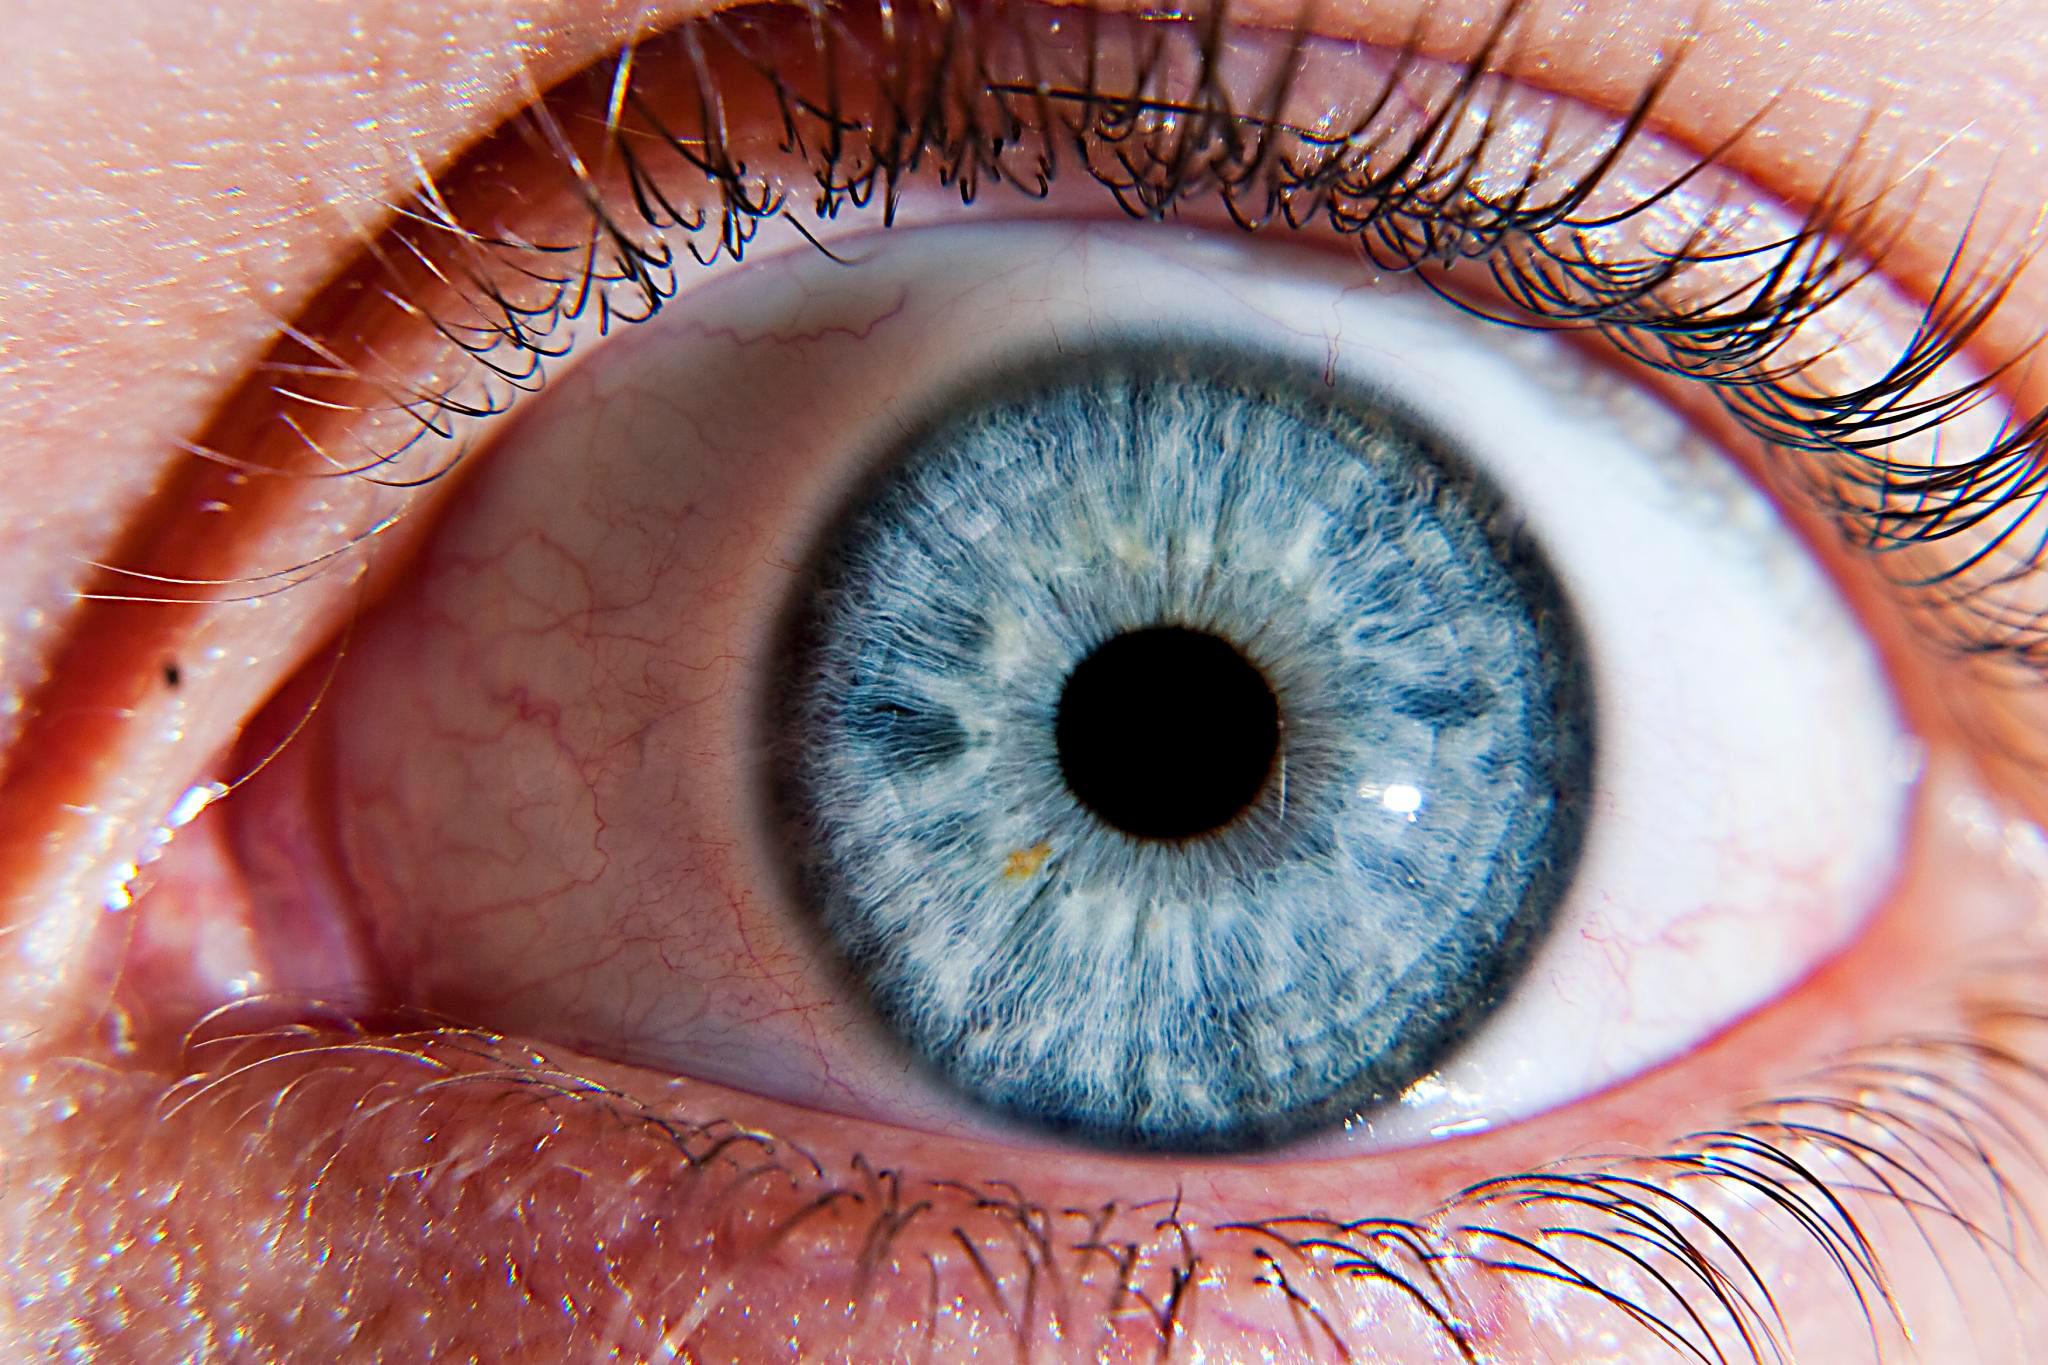 بدن انسان در تنگنا بینایی